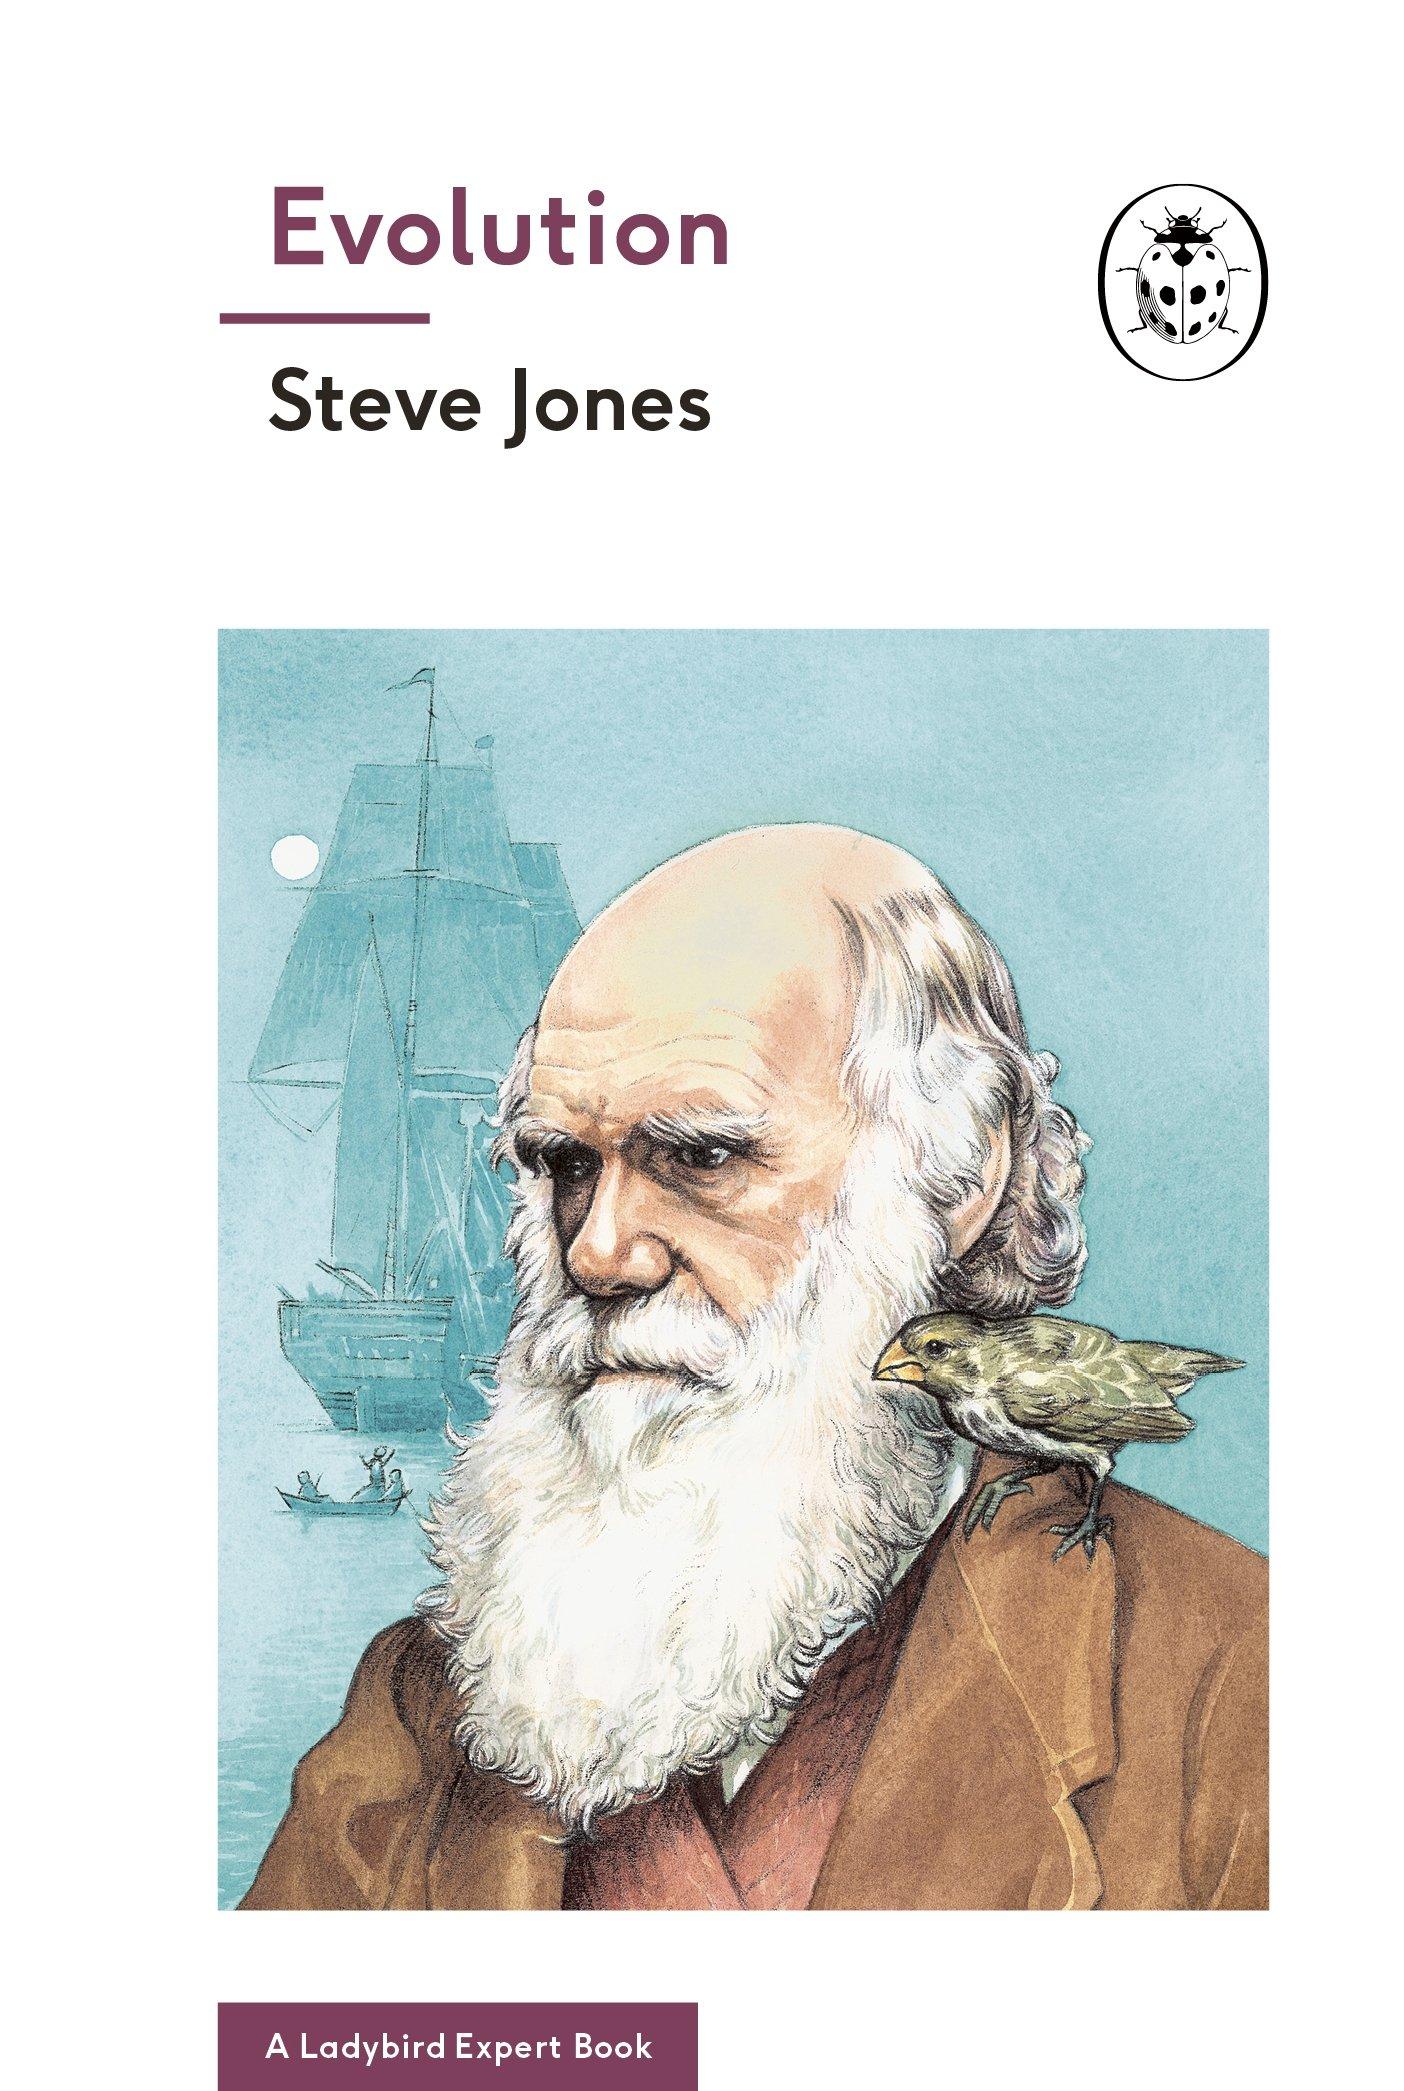 Evolution (a Ladybird Expert Book) (the Ladybird Expert Series):  Amazon: Steve Jones: 9780718186289: Books